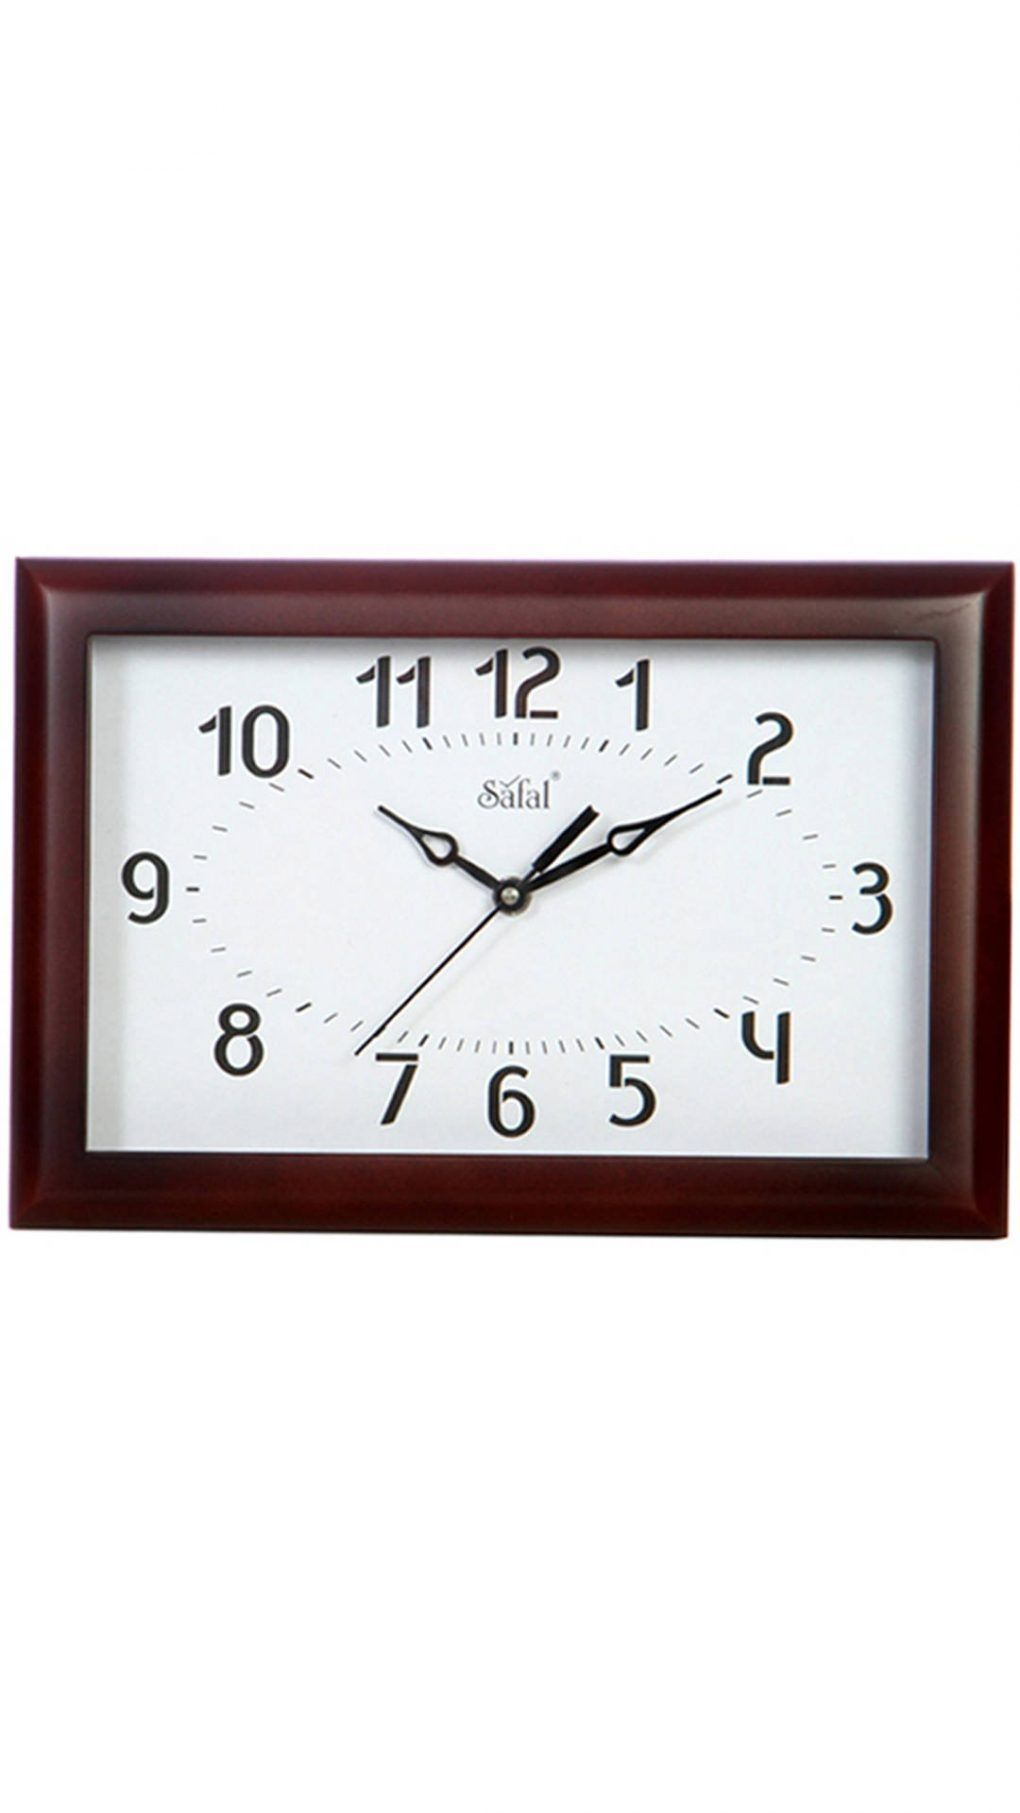 Long horizontal wall clocks httpbleeckerstreetbeat long horizontal wall clocks amipublicfo Image collections